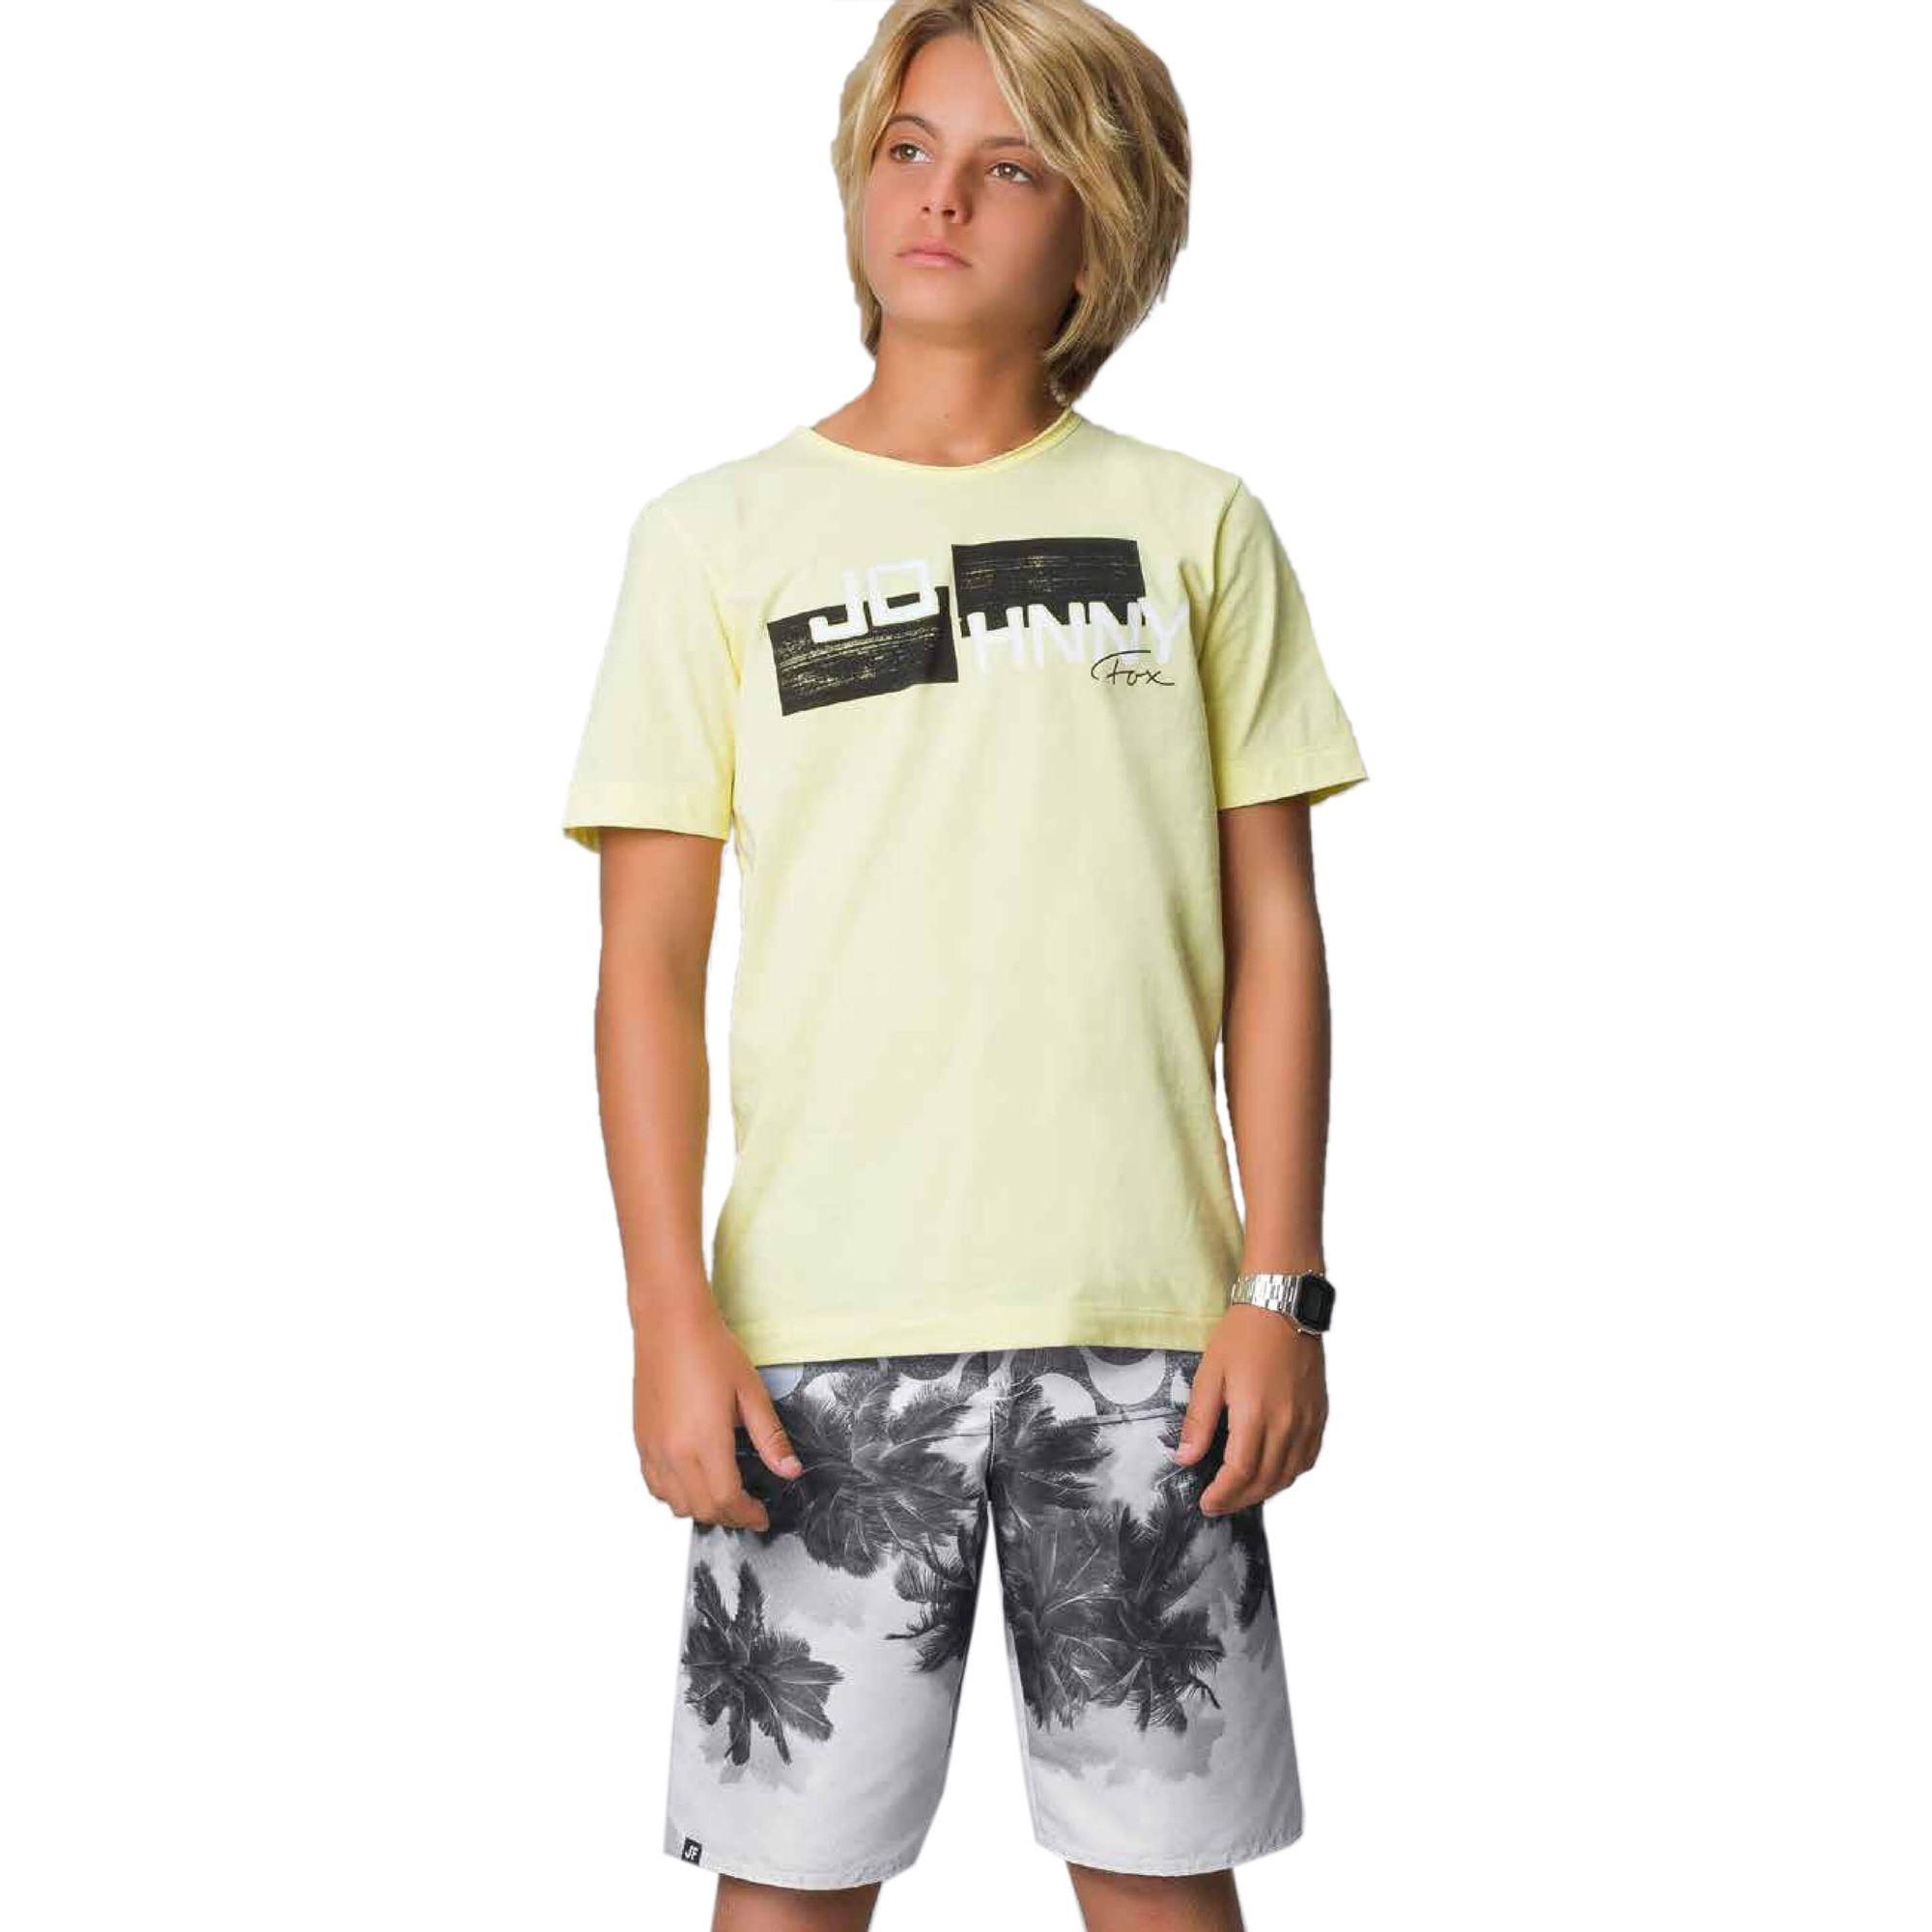 conjunto-menino-camiseta-amarela-e-bermuda-copacabana-1